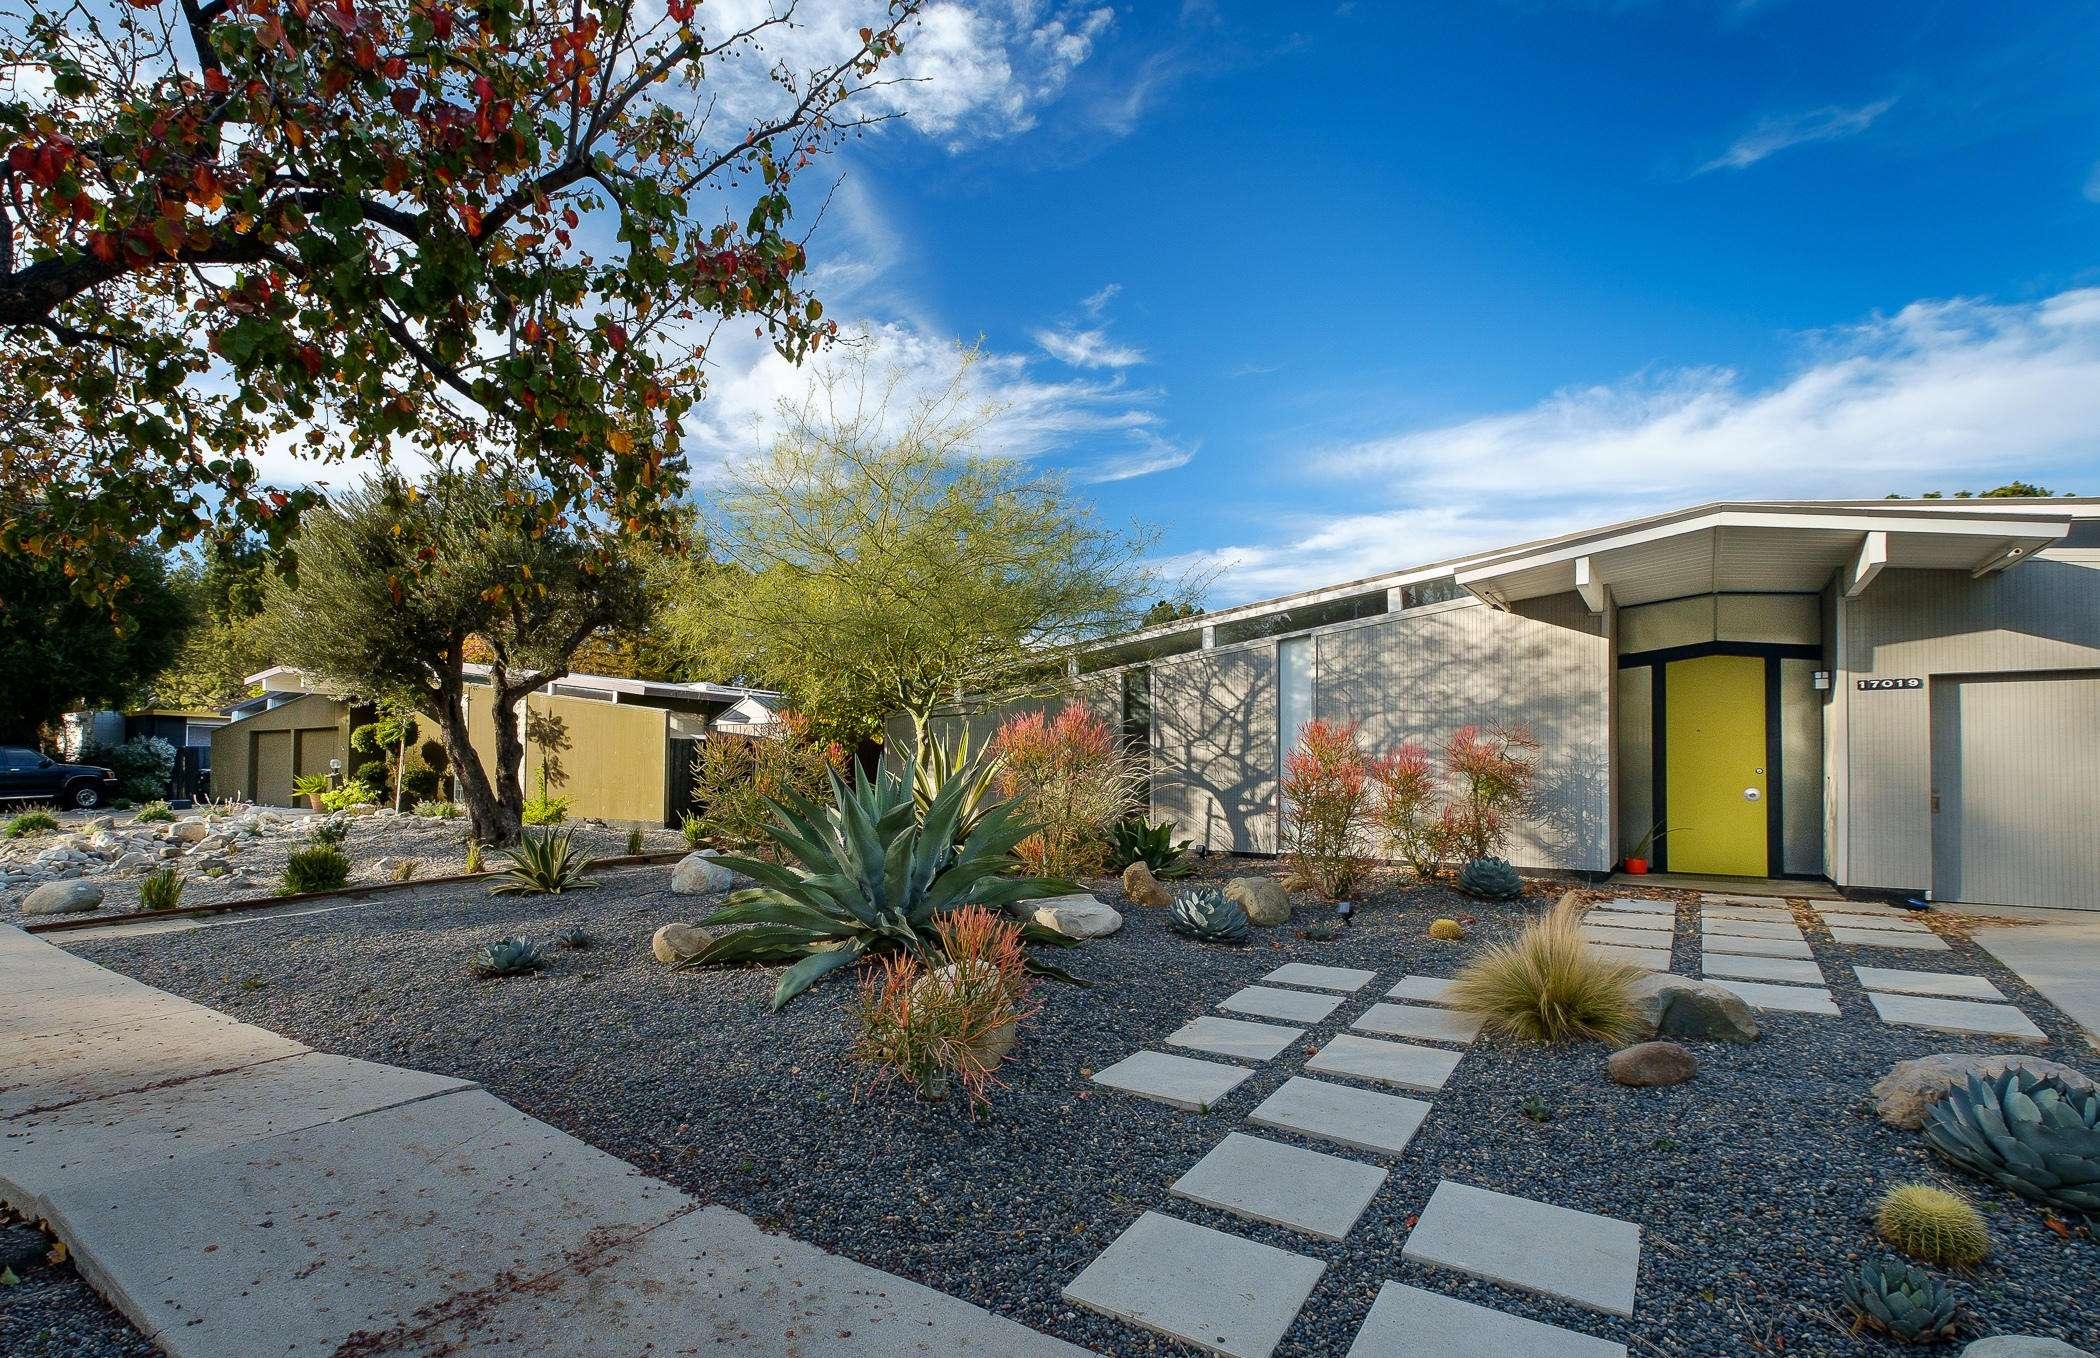 Sunny Modern Homes Joseph Eichler Built Suburbs